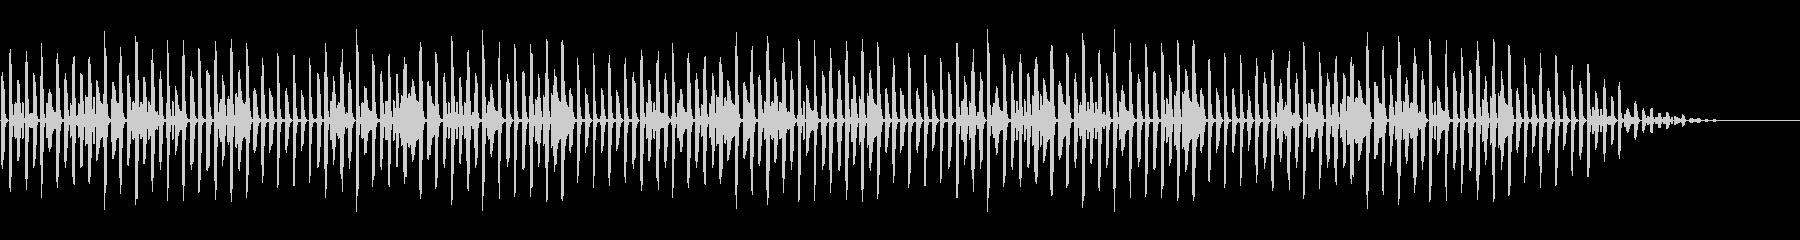 童謡「どんぐりころころ」脱力系アレンジの未再生の波形